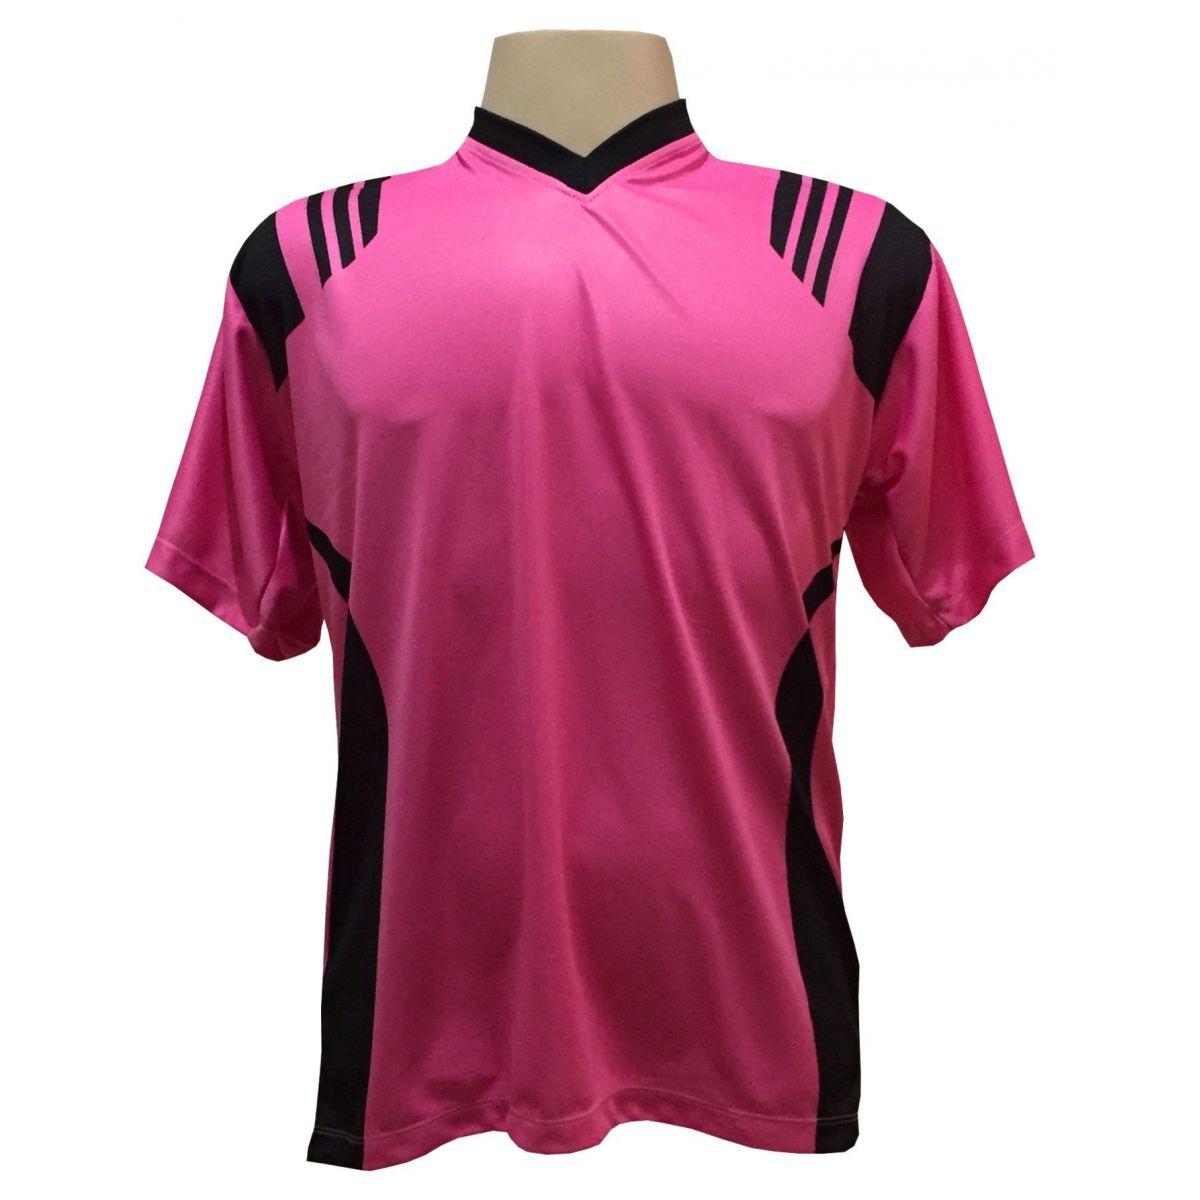 Uniforme Esportivo com 12 Camisas modelo Roma Pink/Preto + 12 Calções modelo Madrid Preto + 12 Pares de meiões Preto